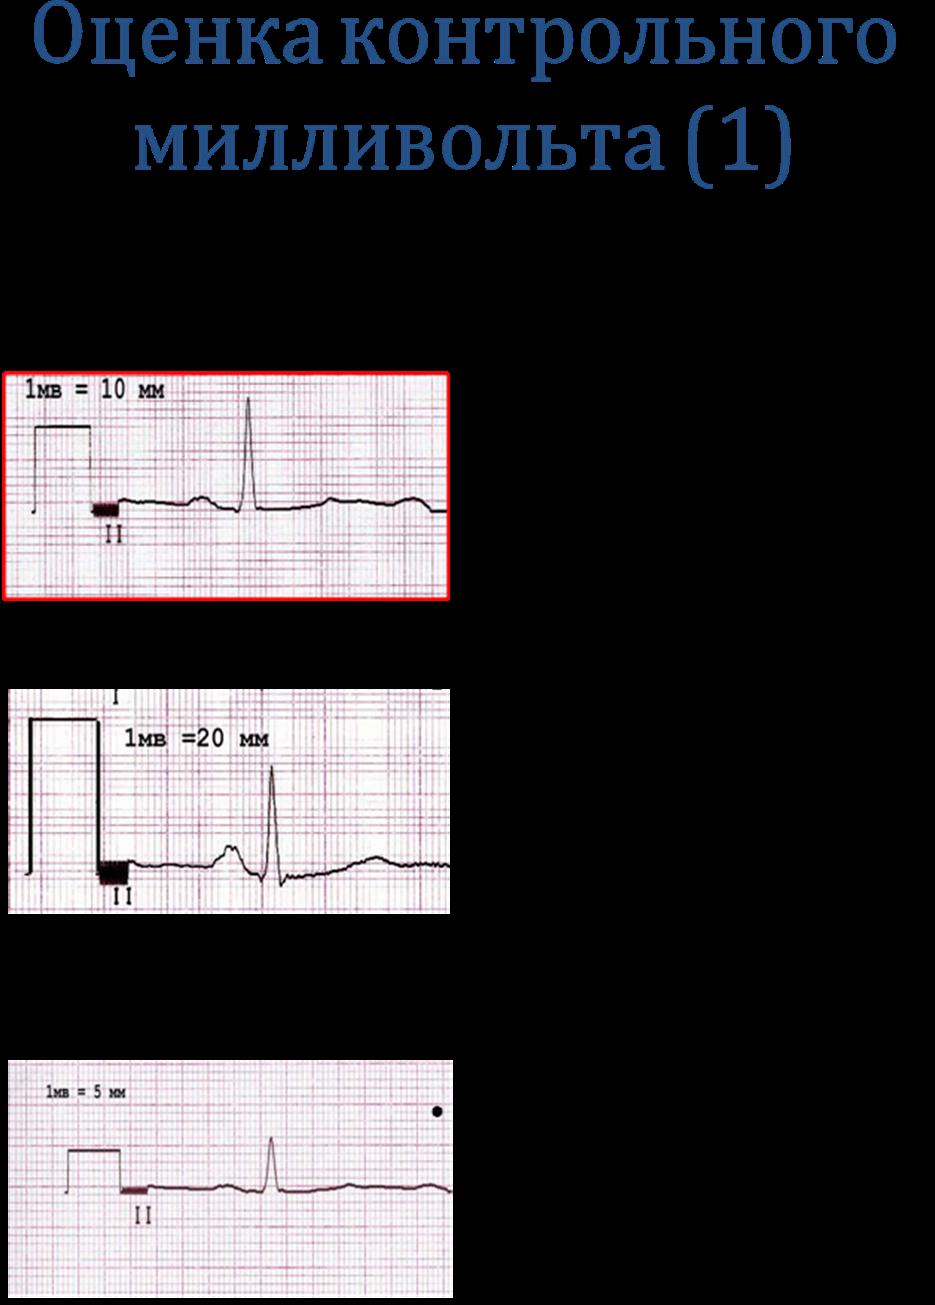 Экг (электрокардиография): что это такое, экг в норме, расшифровка обследования